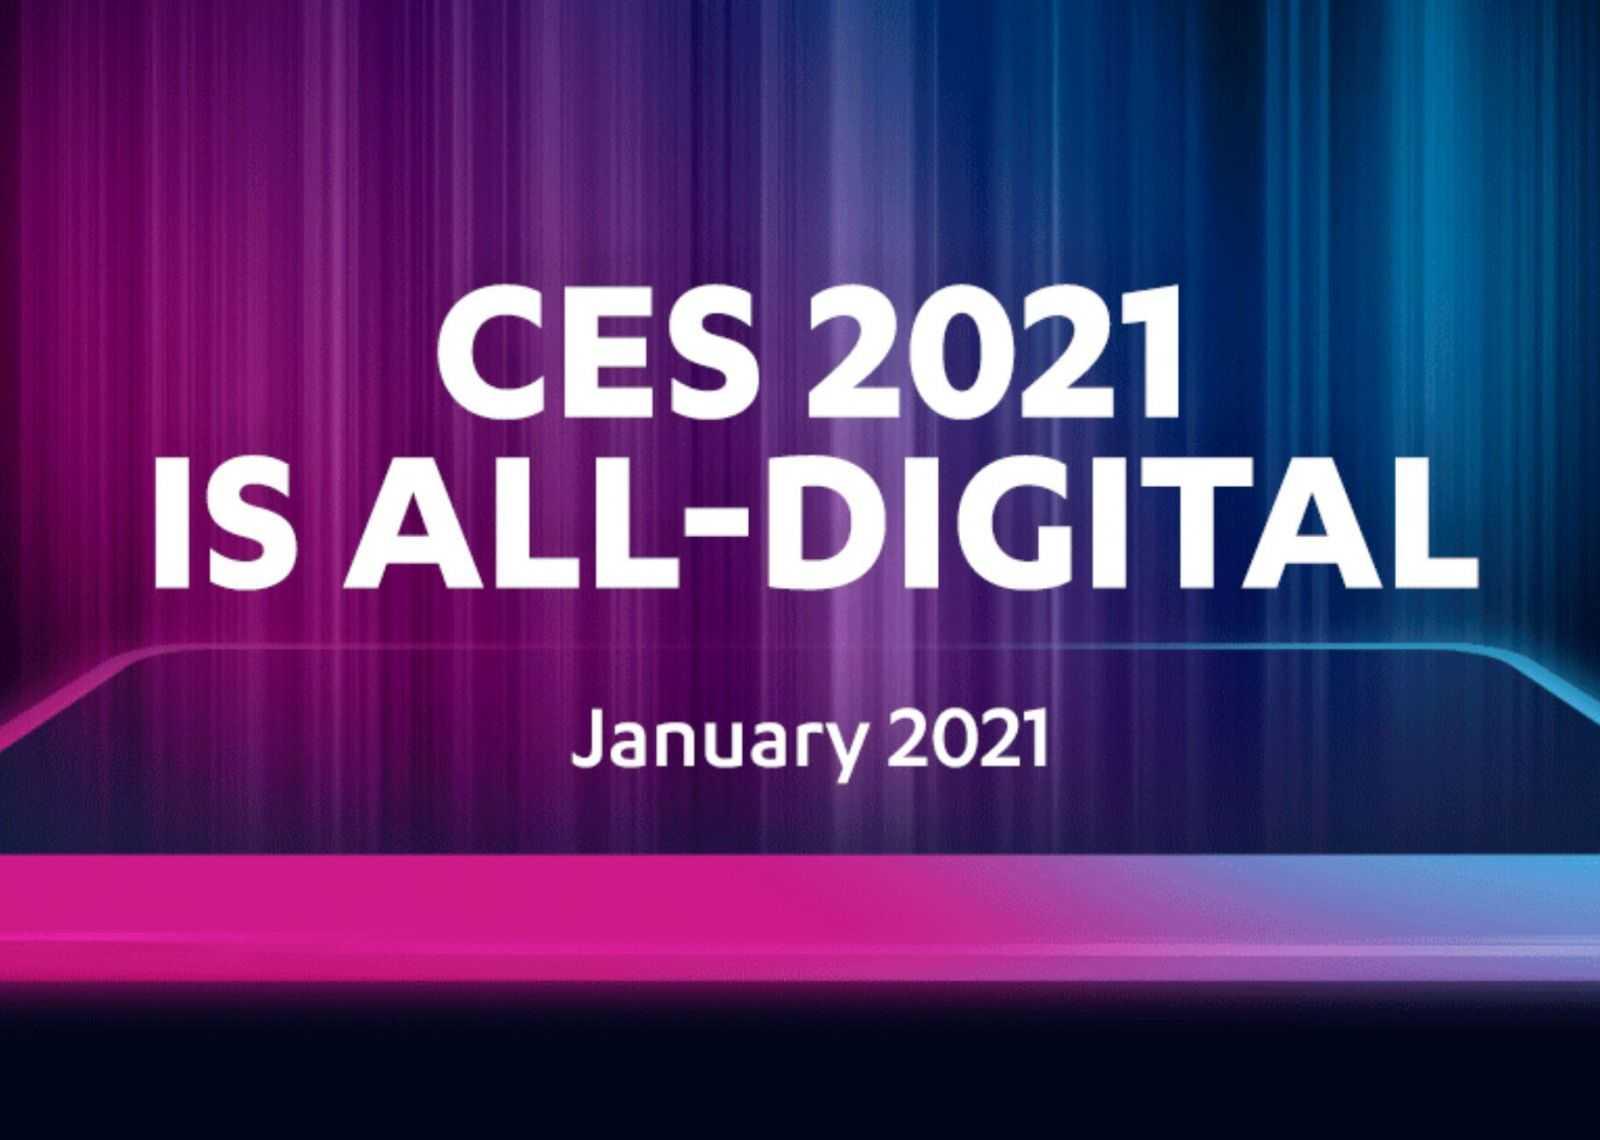 Что ожидать от CES 2021?